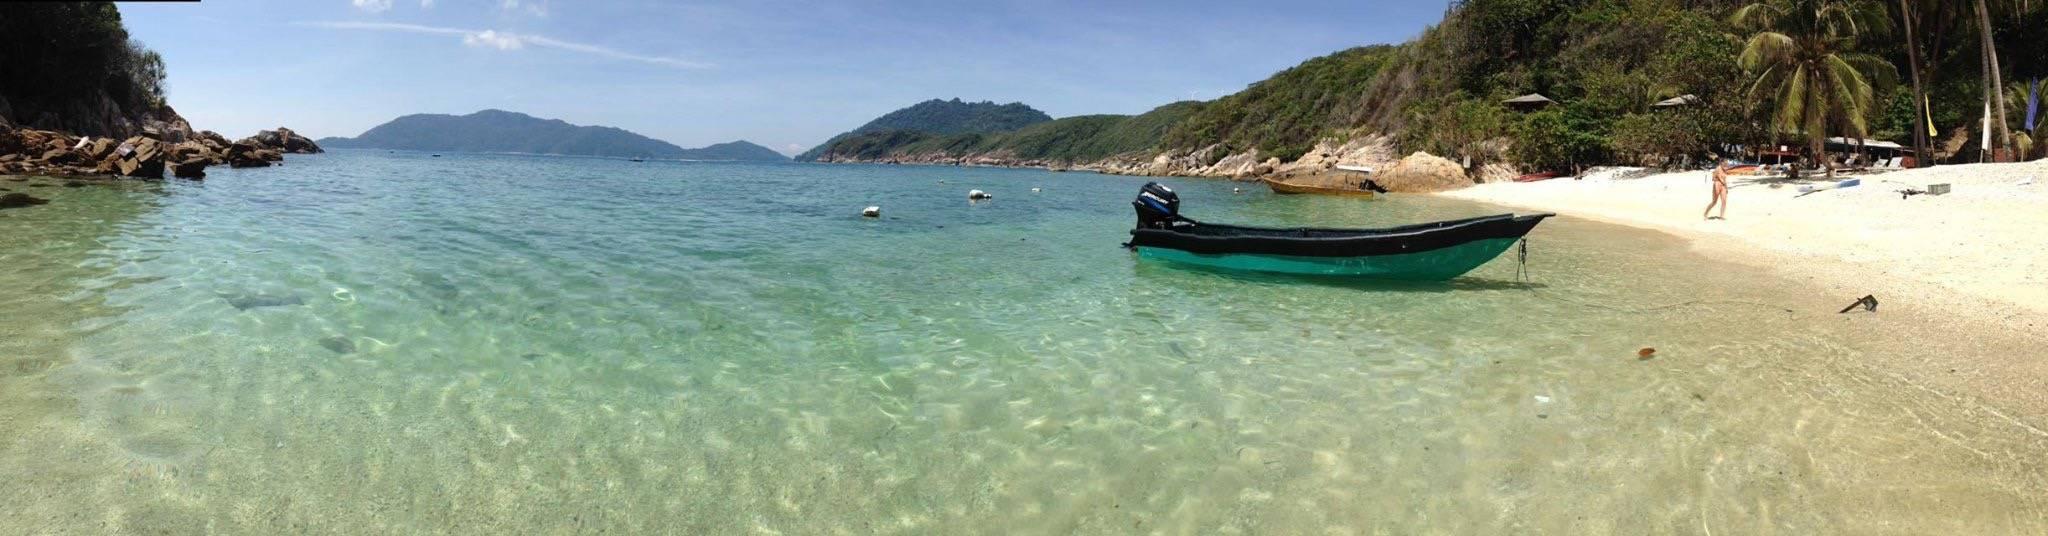 Photo 3: D'Lagoon Teluk Kerma  -  endroit enchanteur